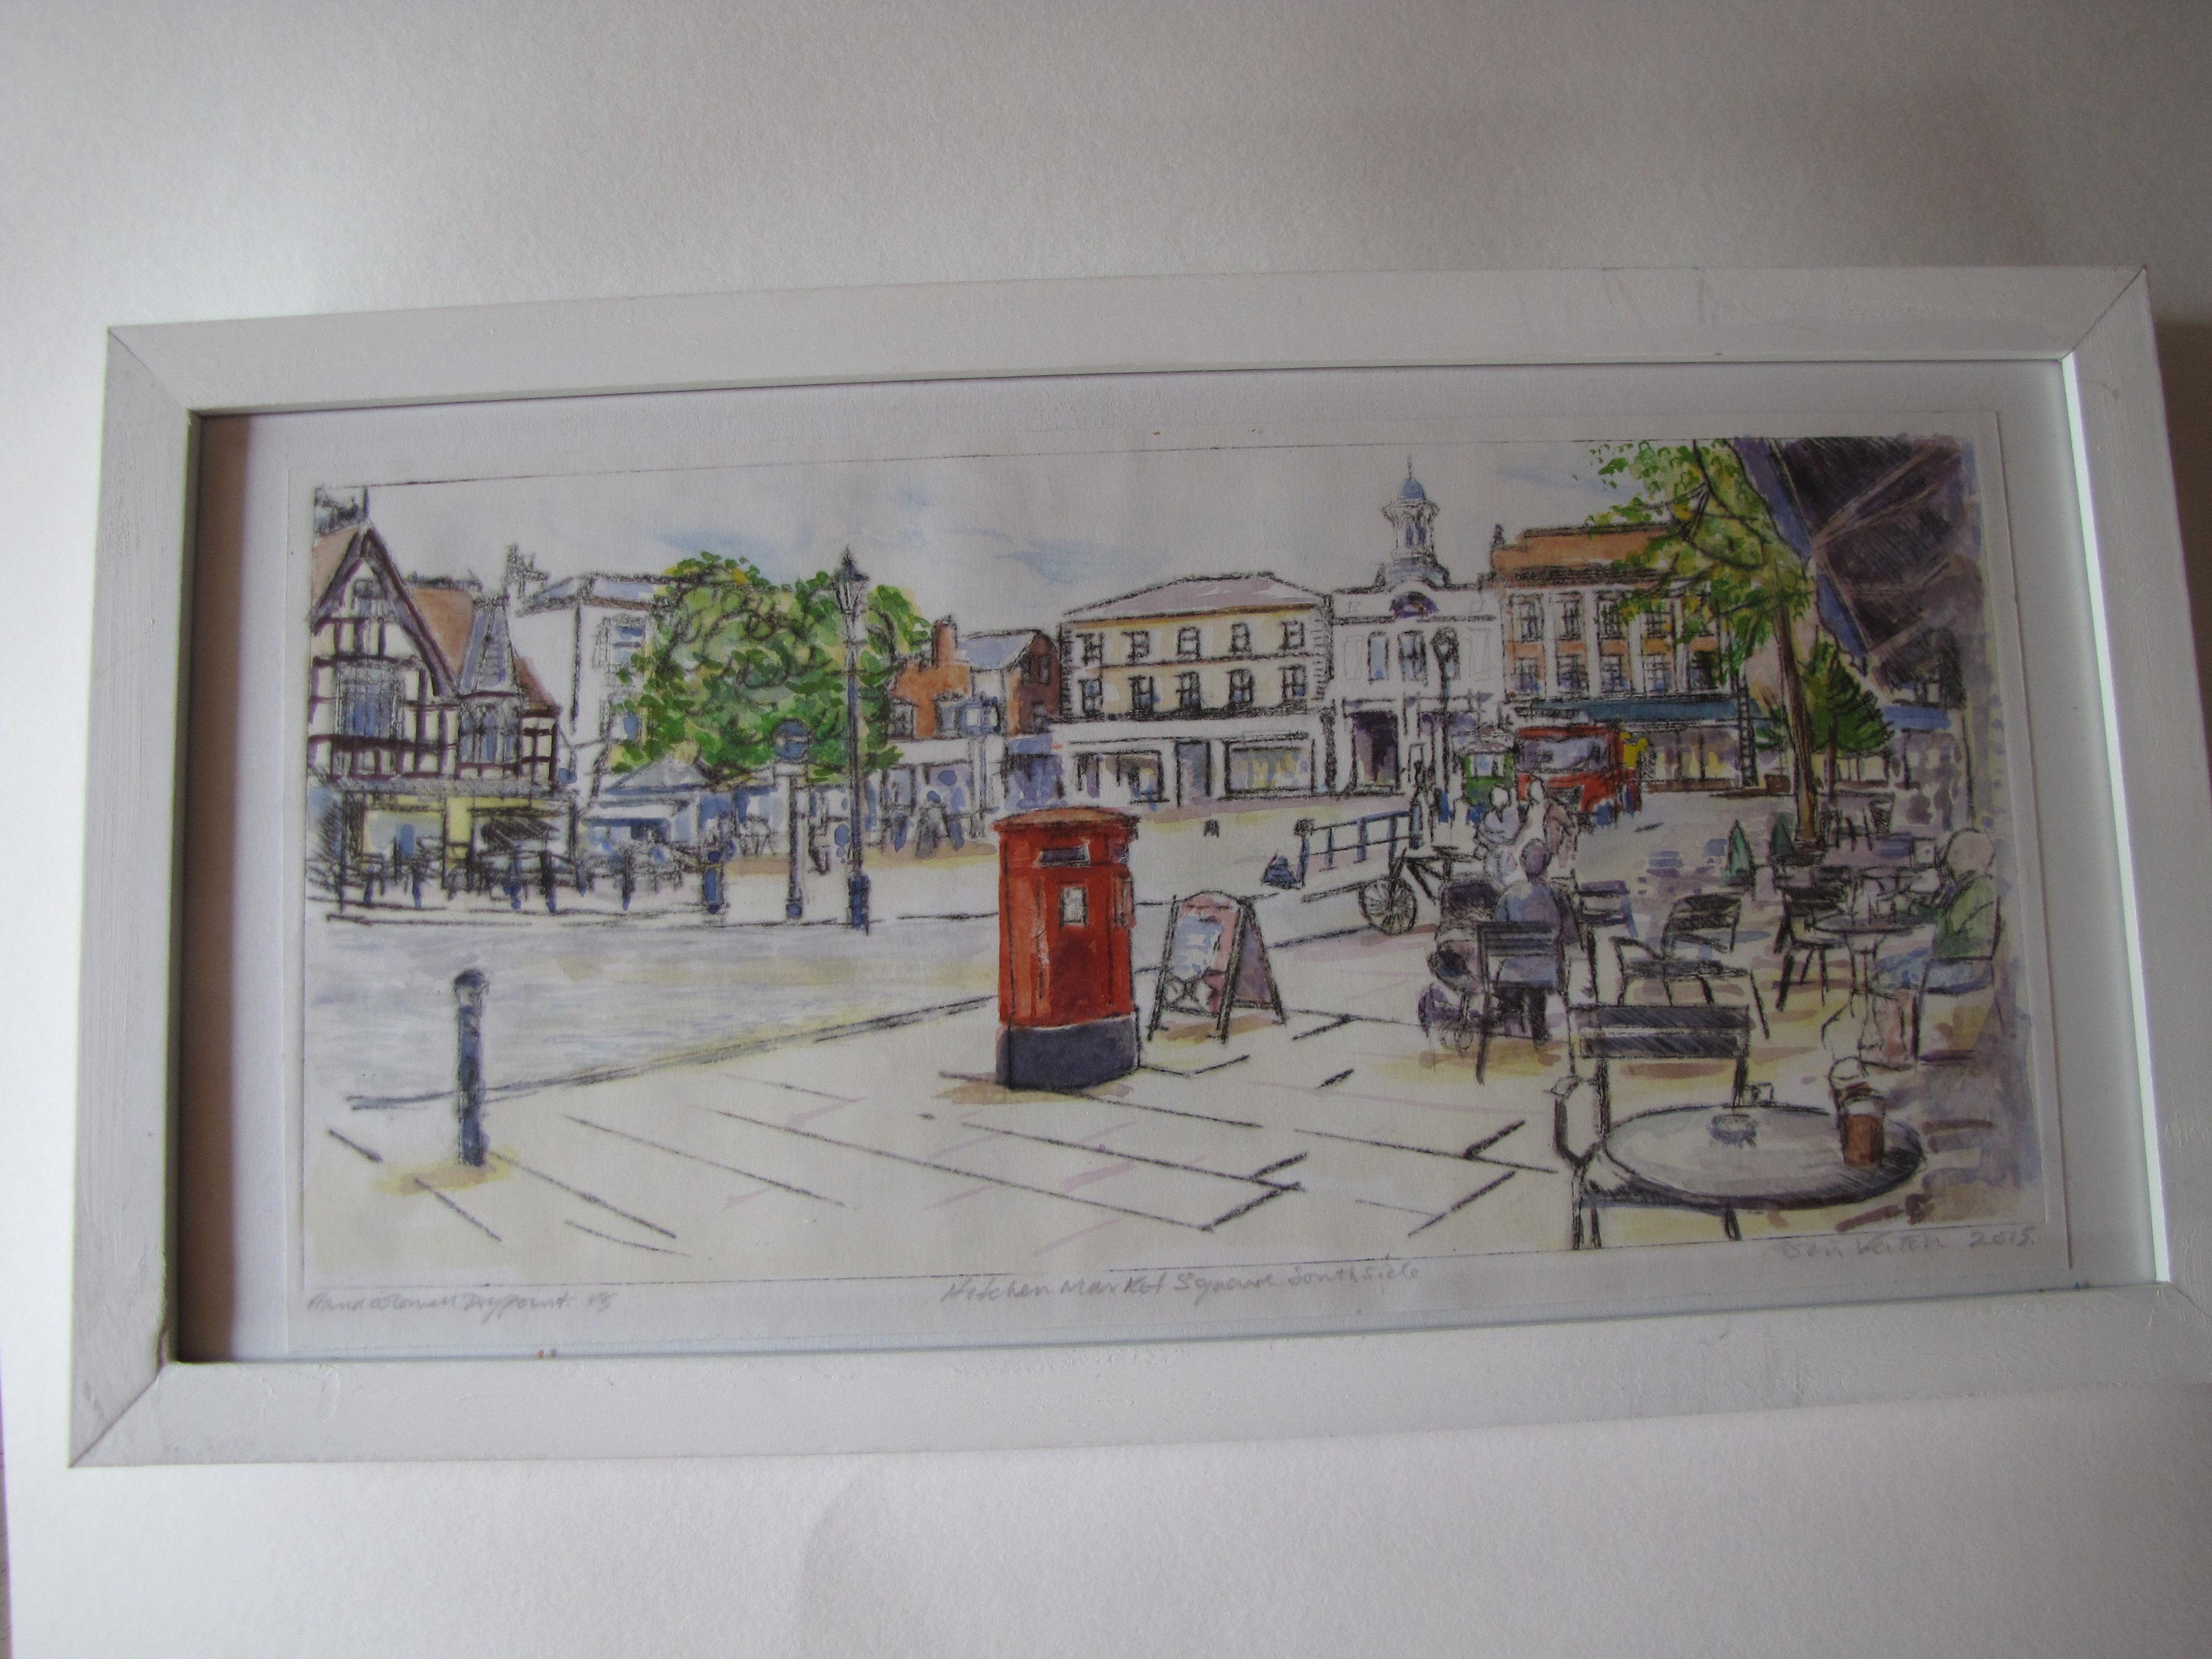 Hitchin Market Square 2